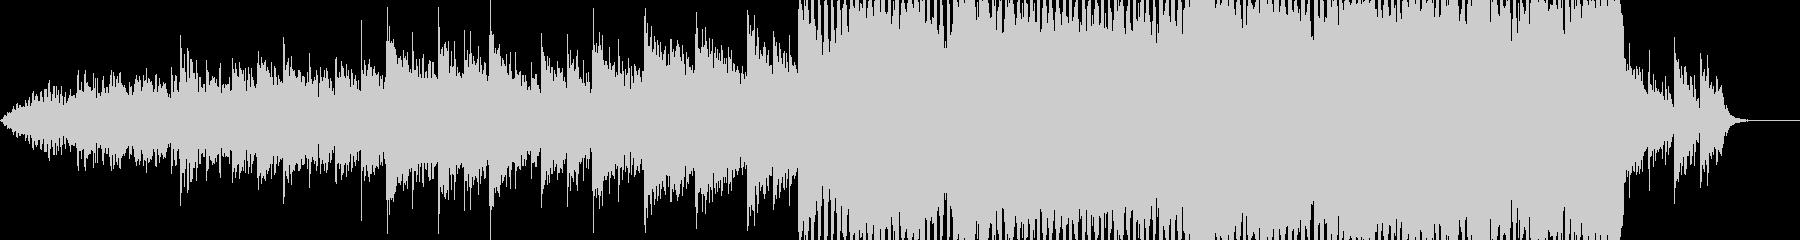 後半に一気に盛り上がるCMなどに最適な曲の未再生の波形